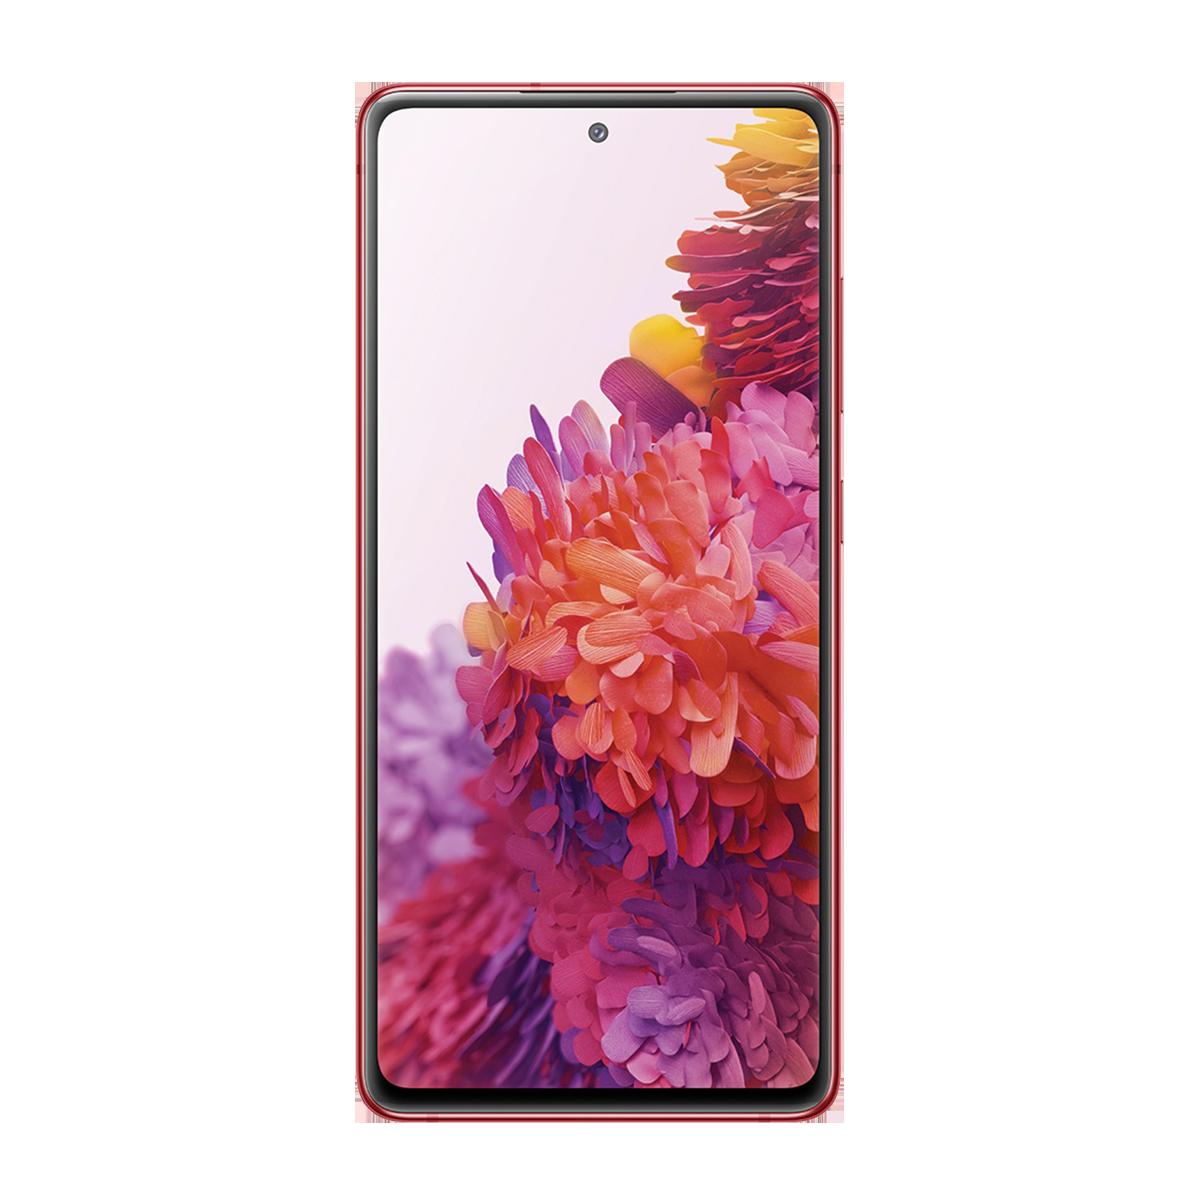 Samsung Galaxy S20 FE 128 GB Kırmızı